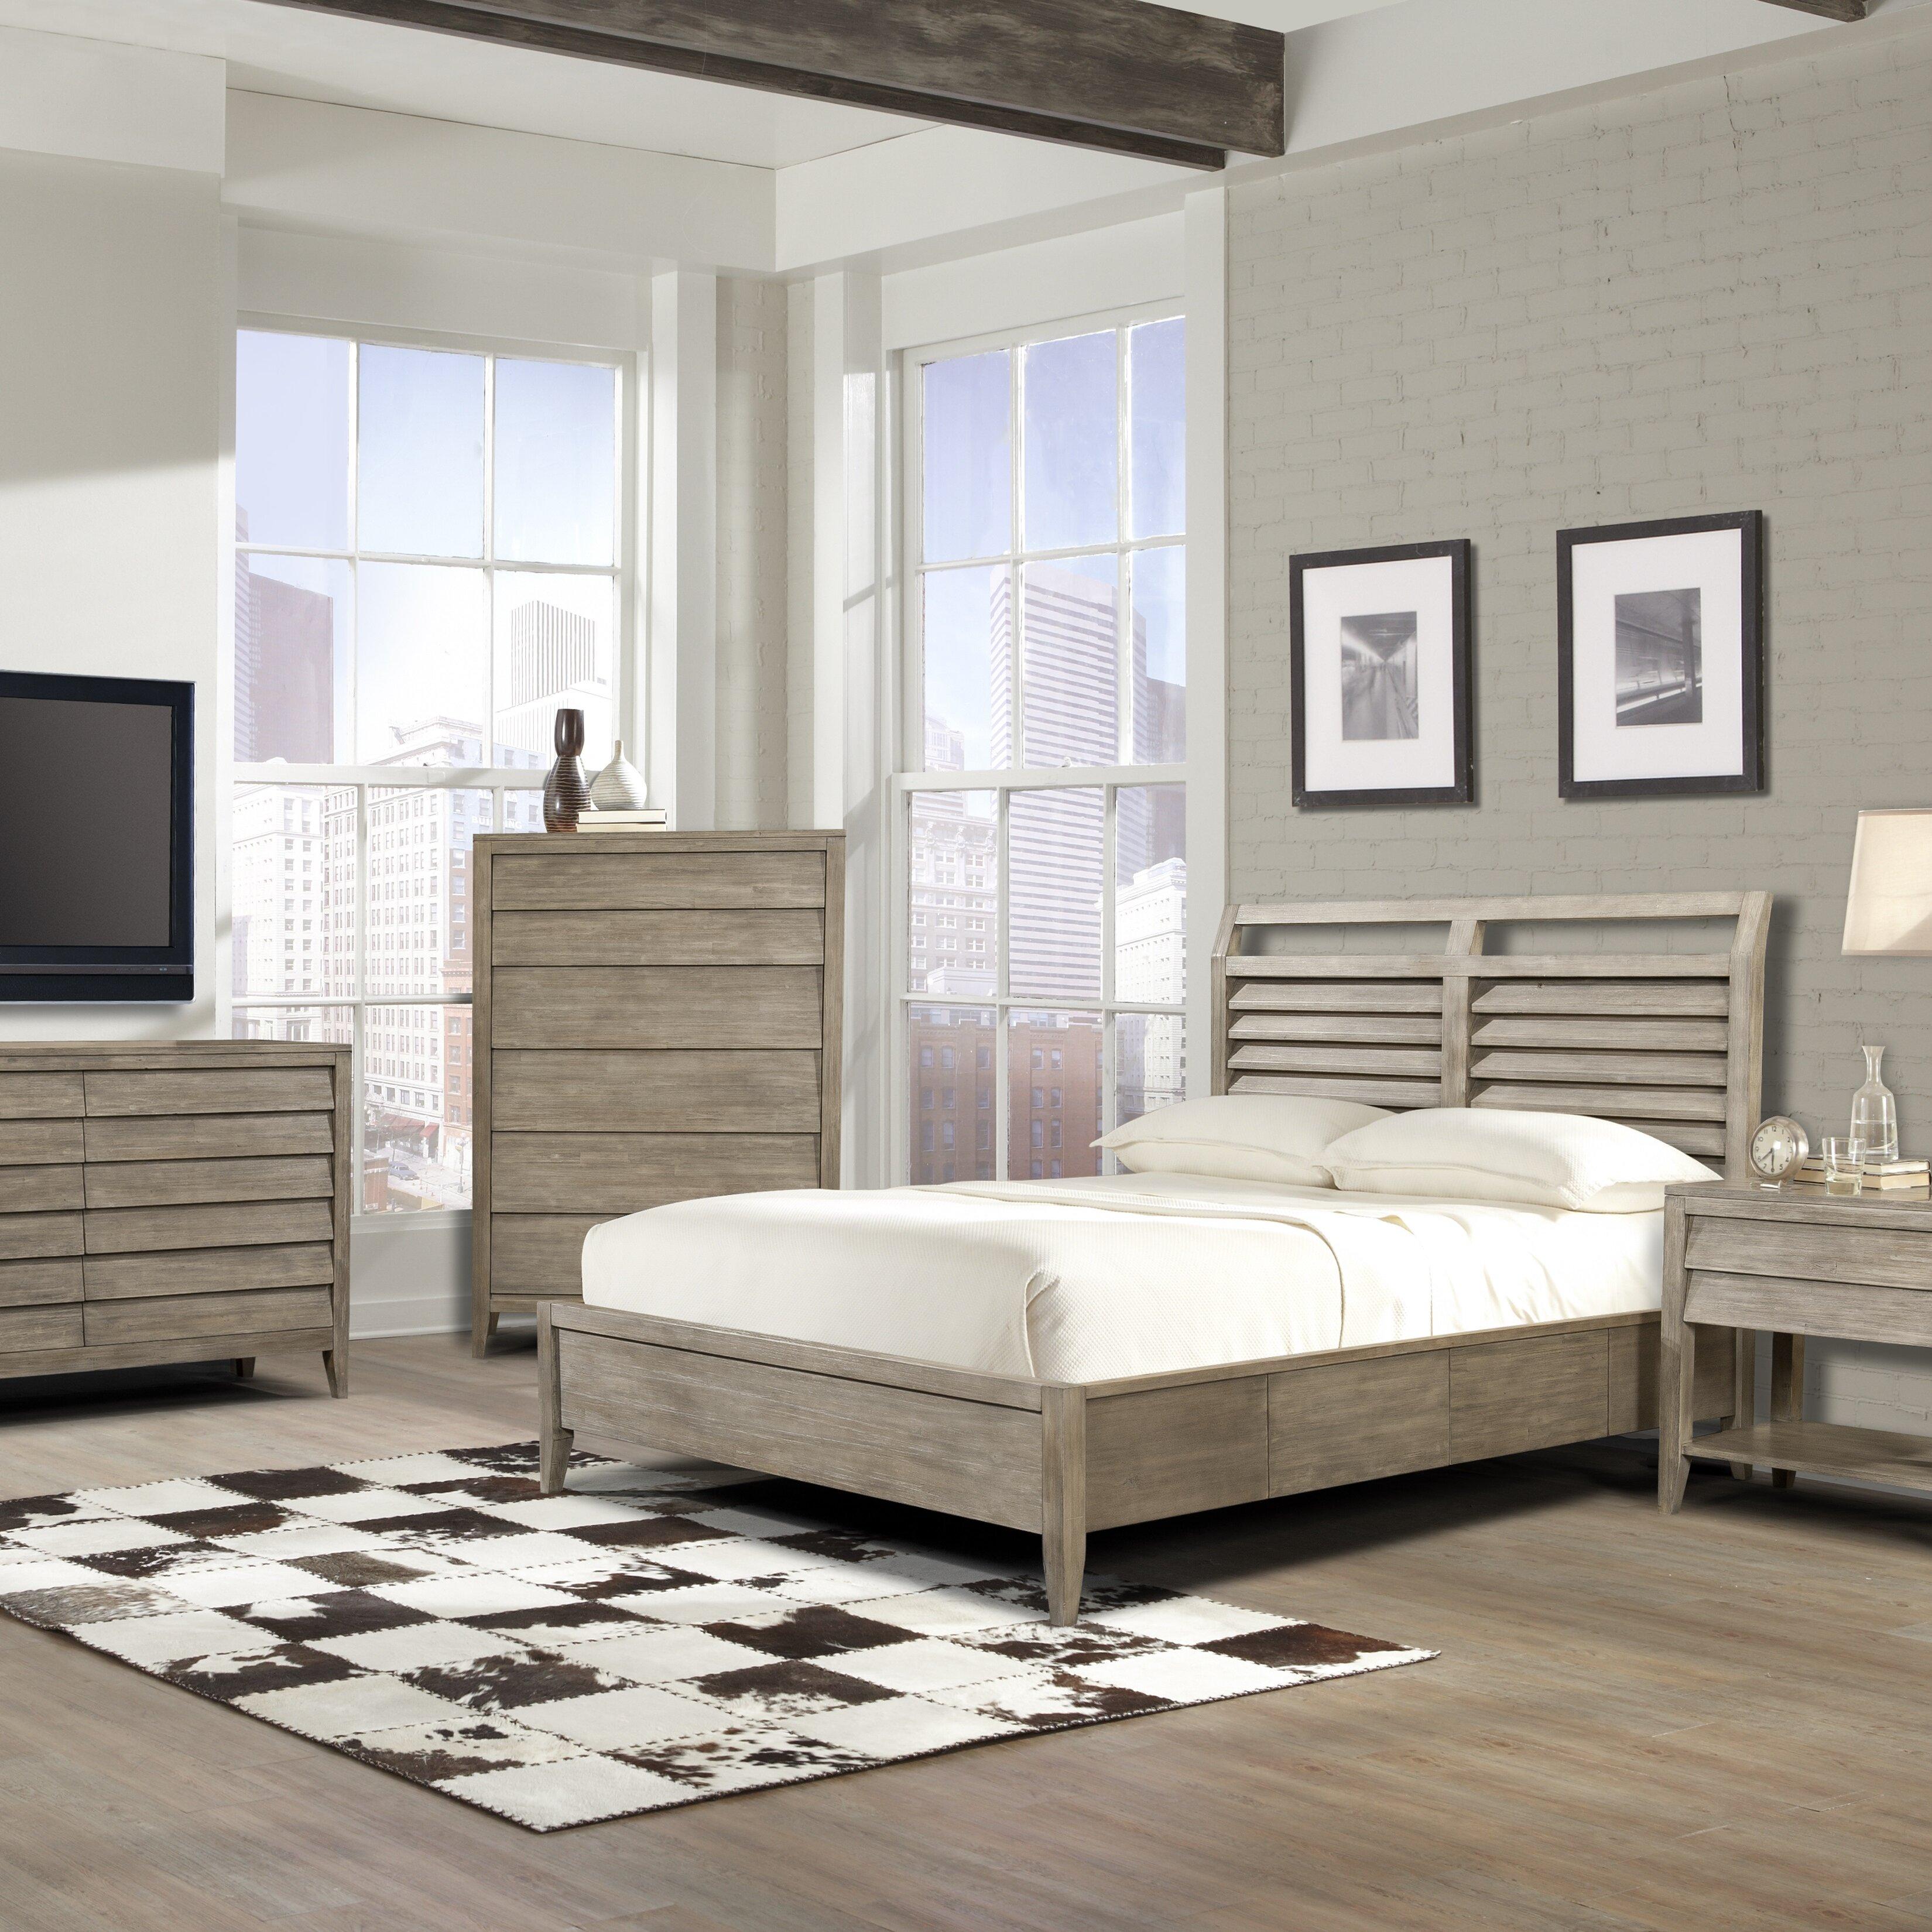 Beachcrest home platform customizable bedroom set for Platform bedroom sets